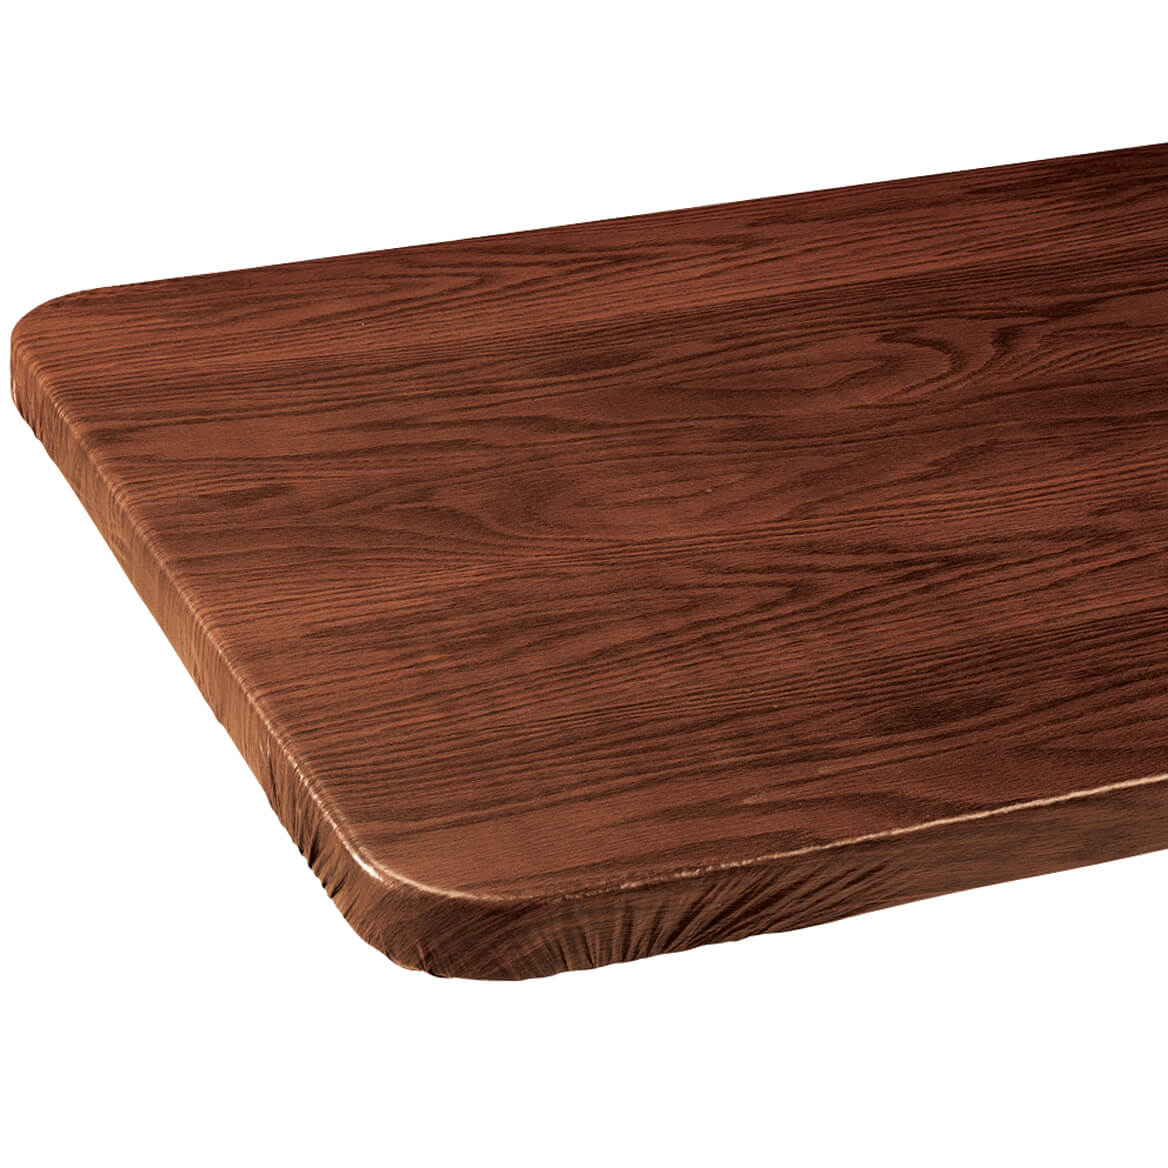 Wood Grain Elasticized Tablecover-344629